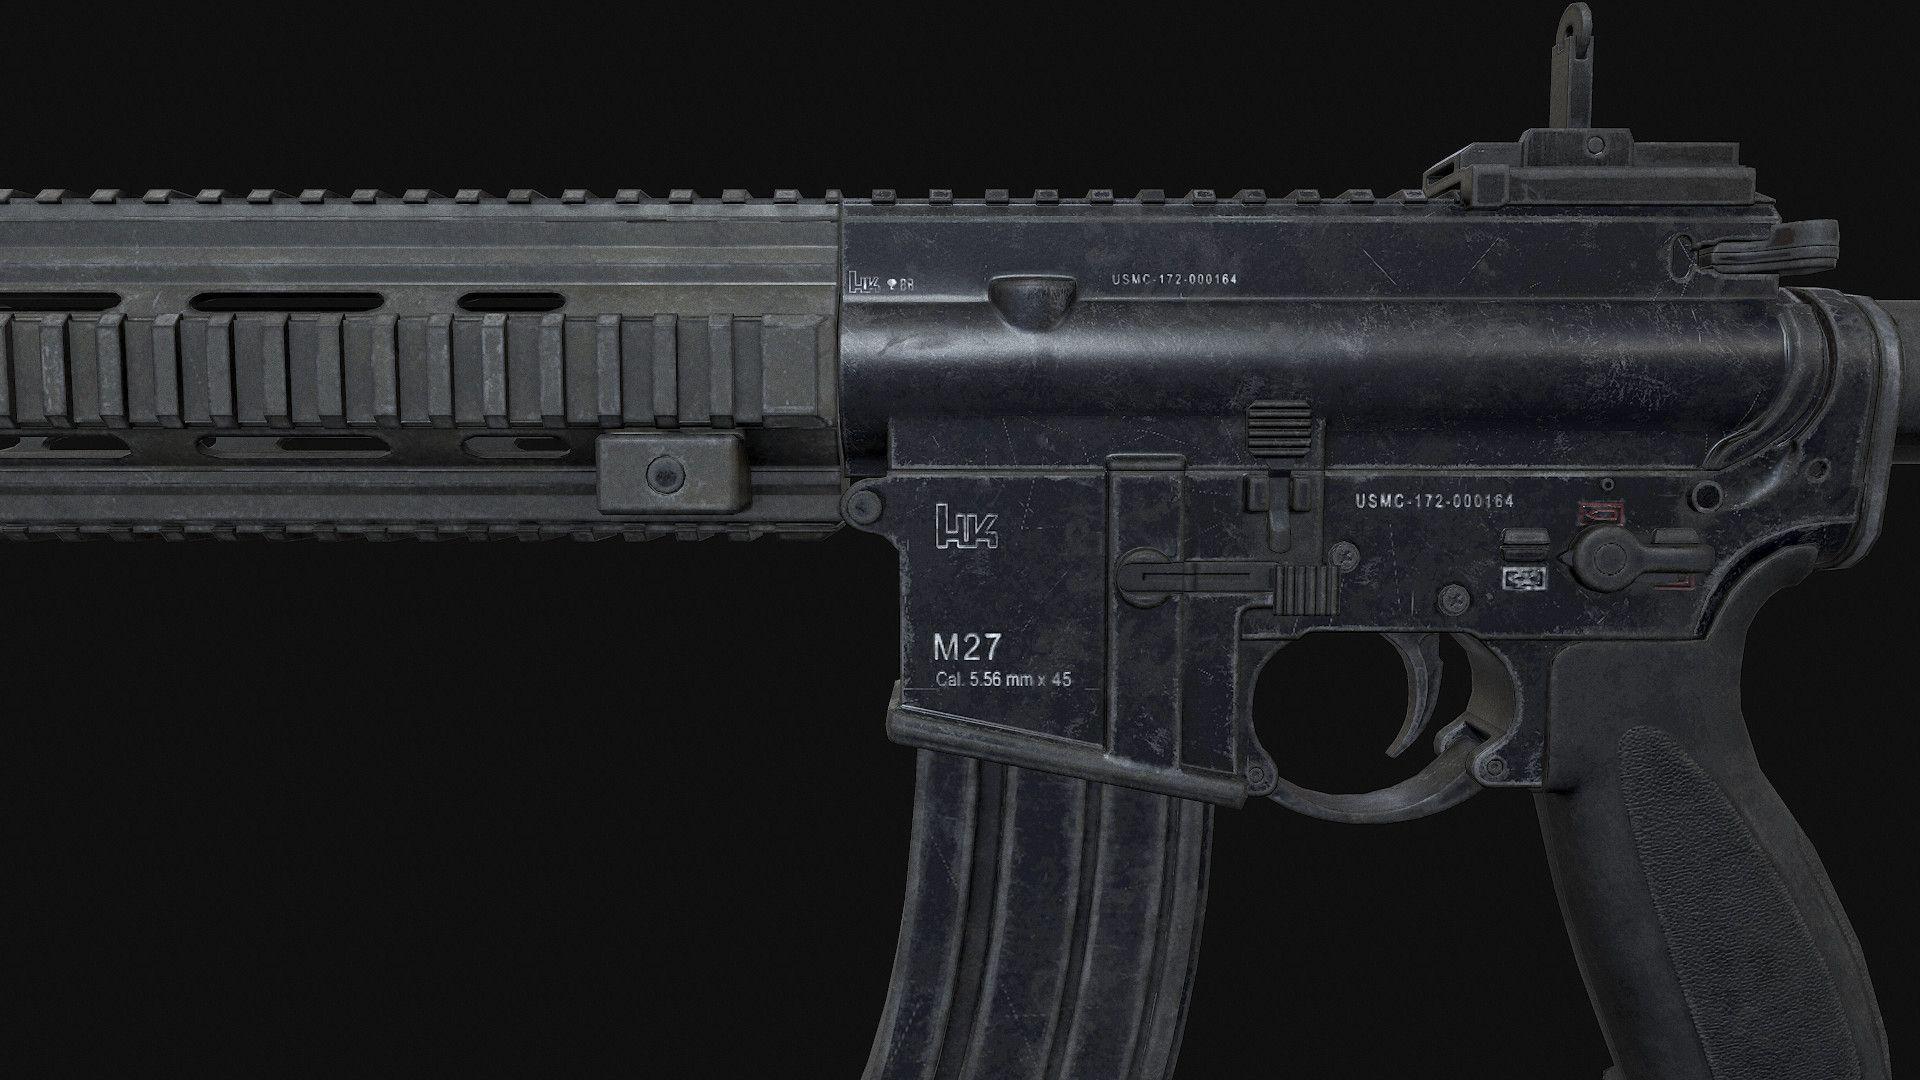 ArtStation - HK-416 Model, Bin Zhu